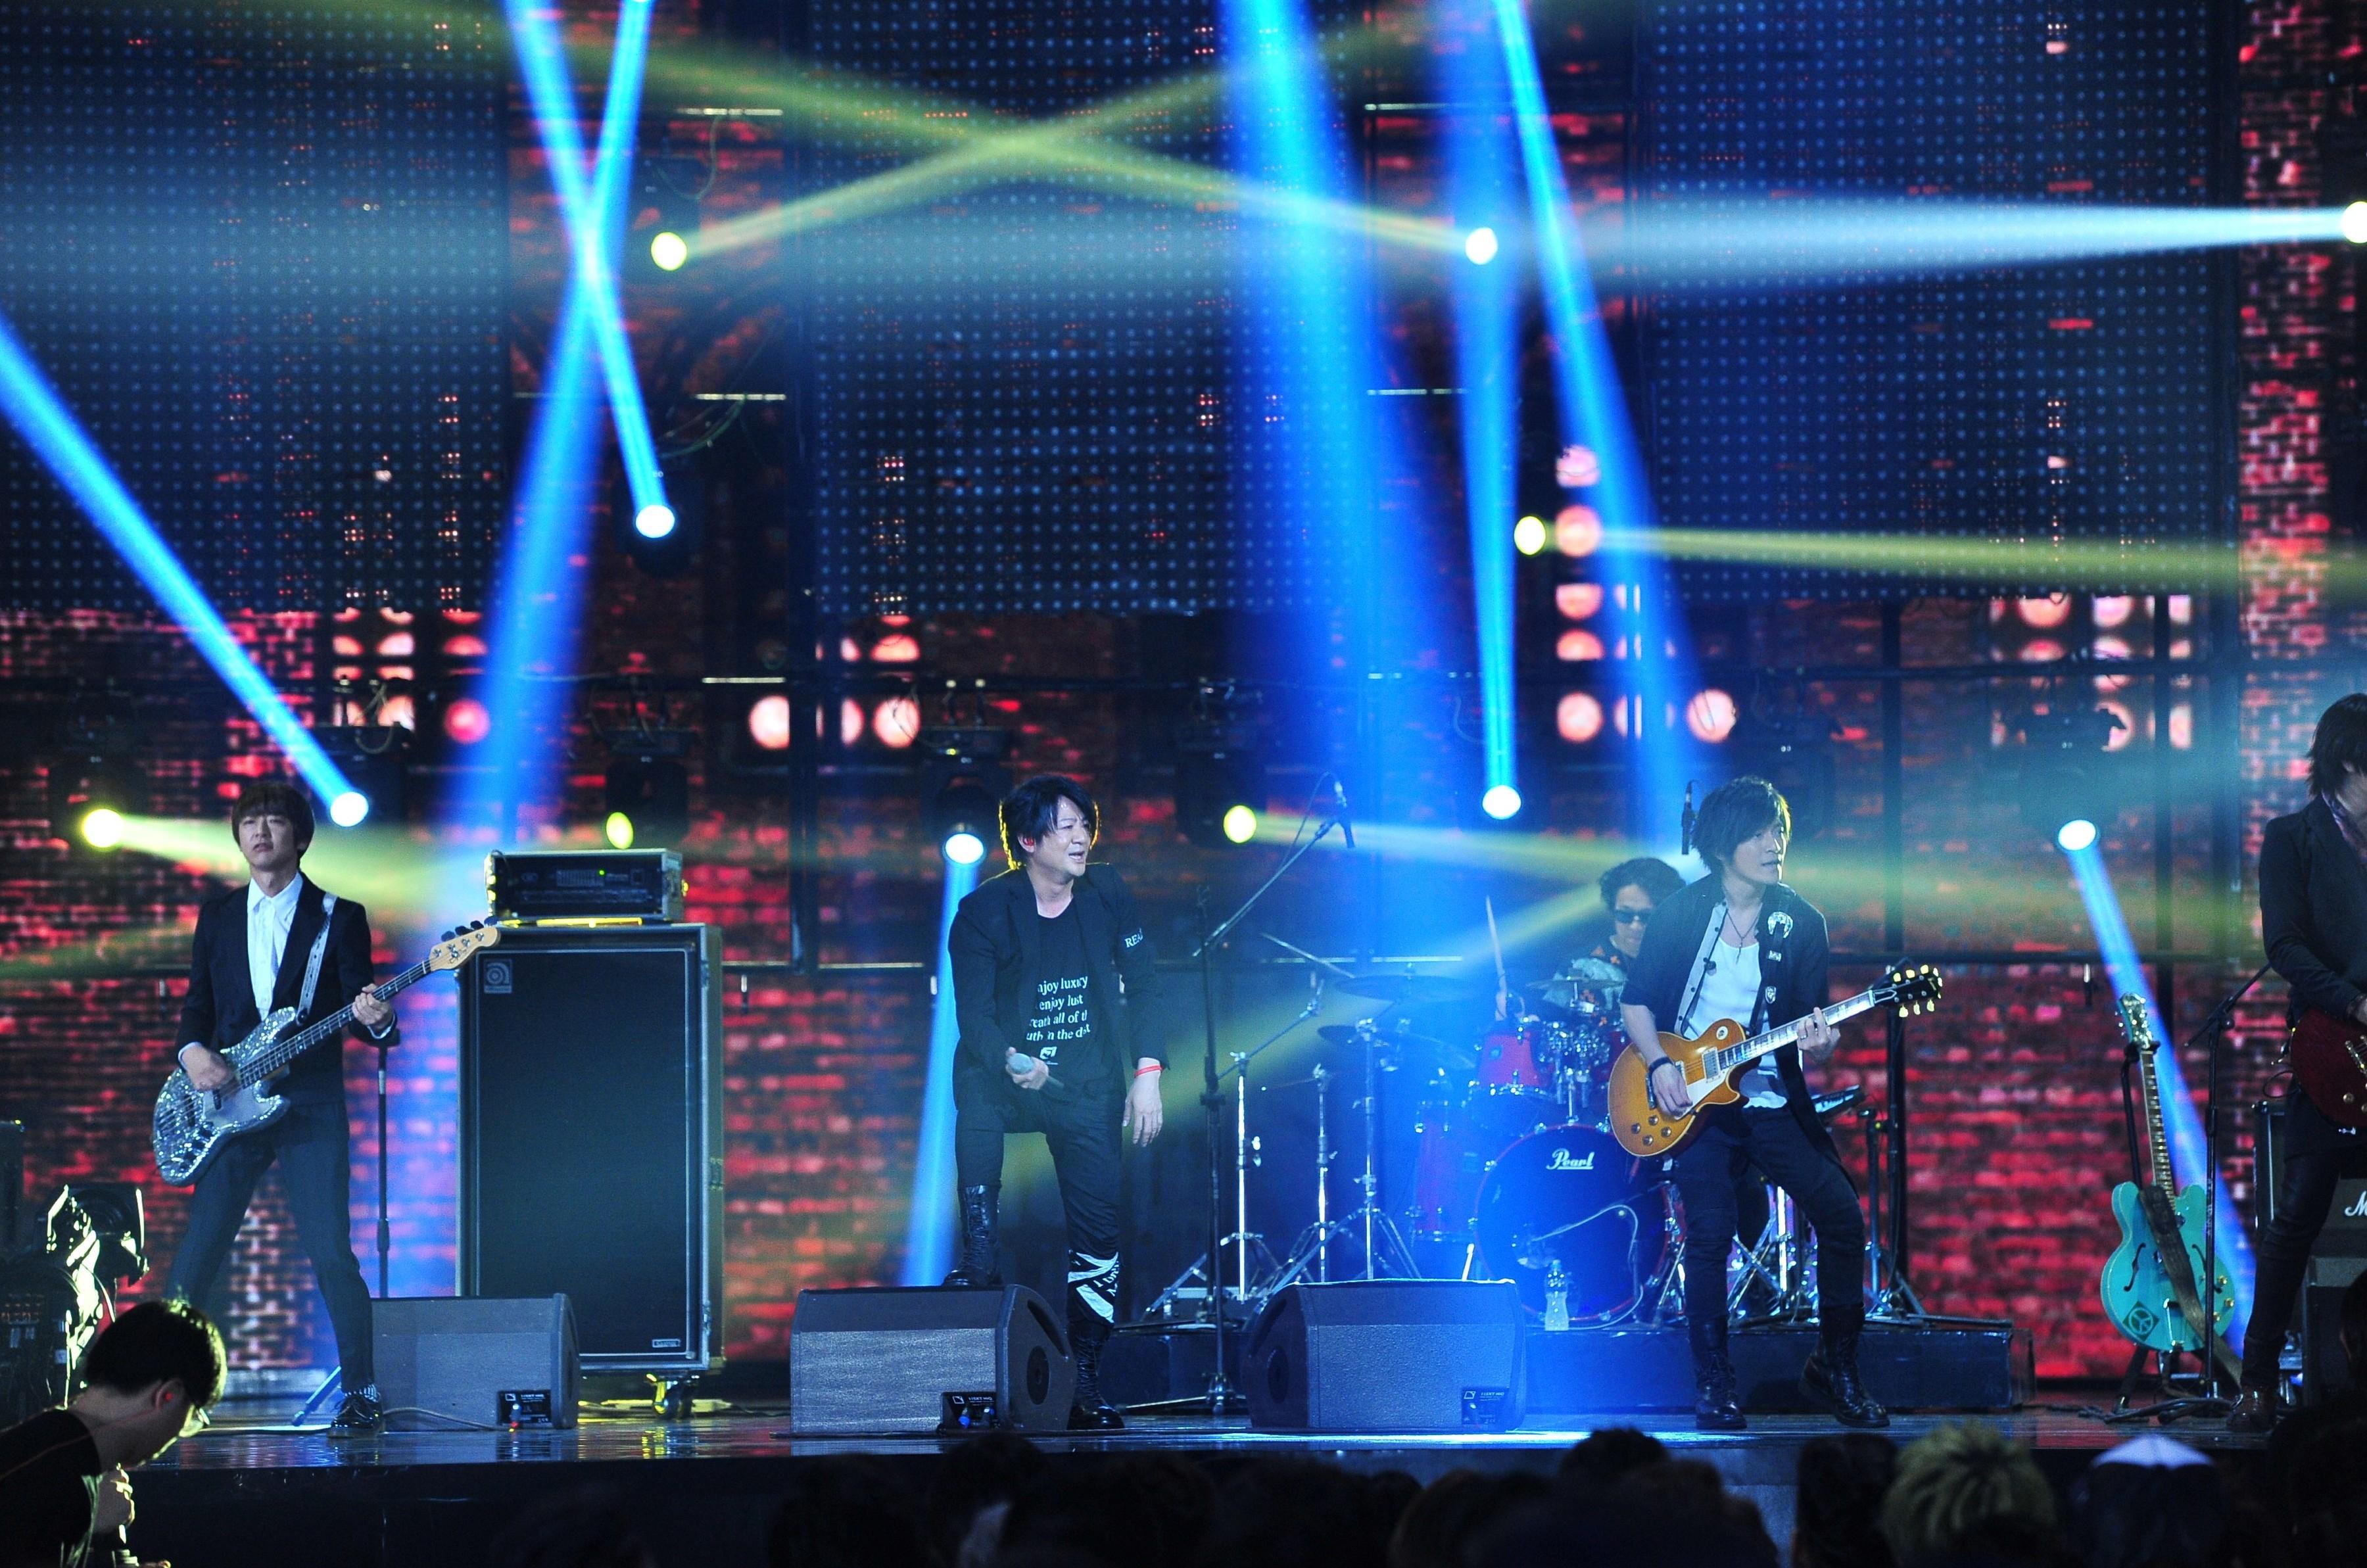 Glay perform at the 2017 Golden Melody Awards